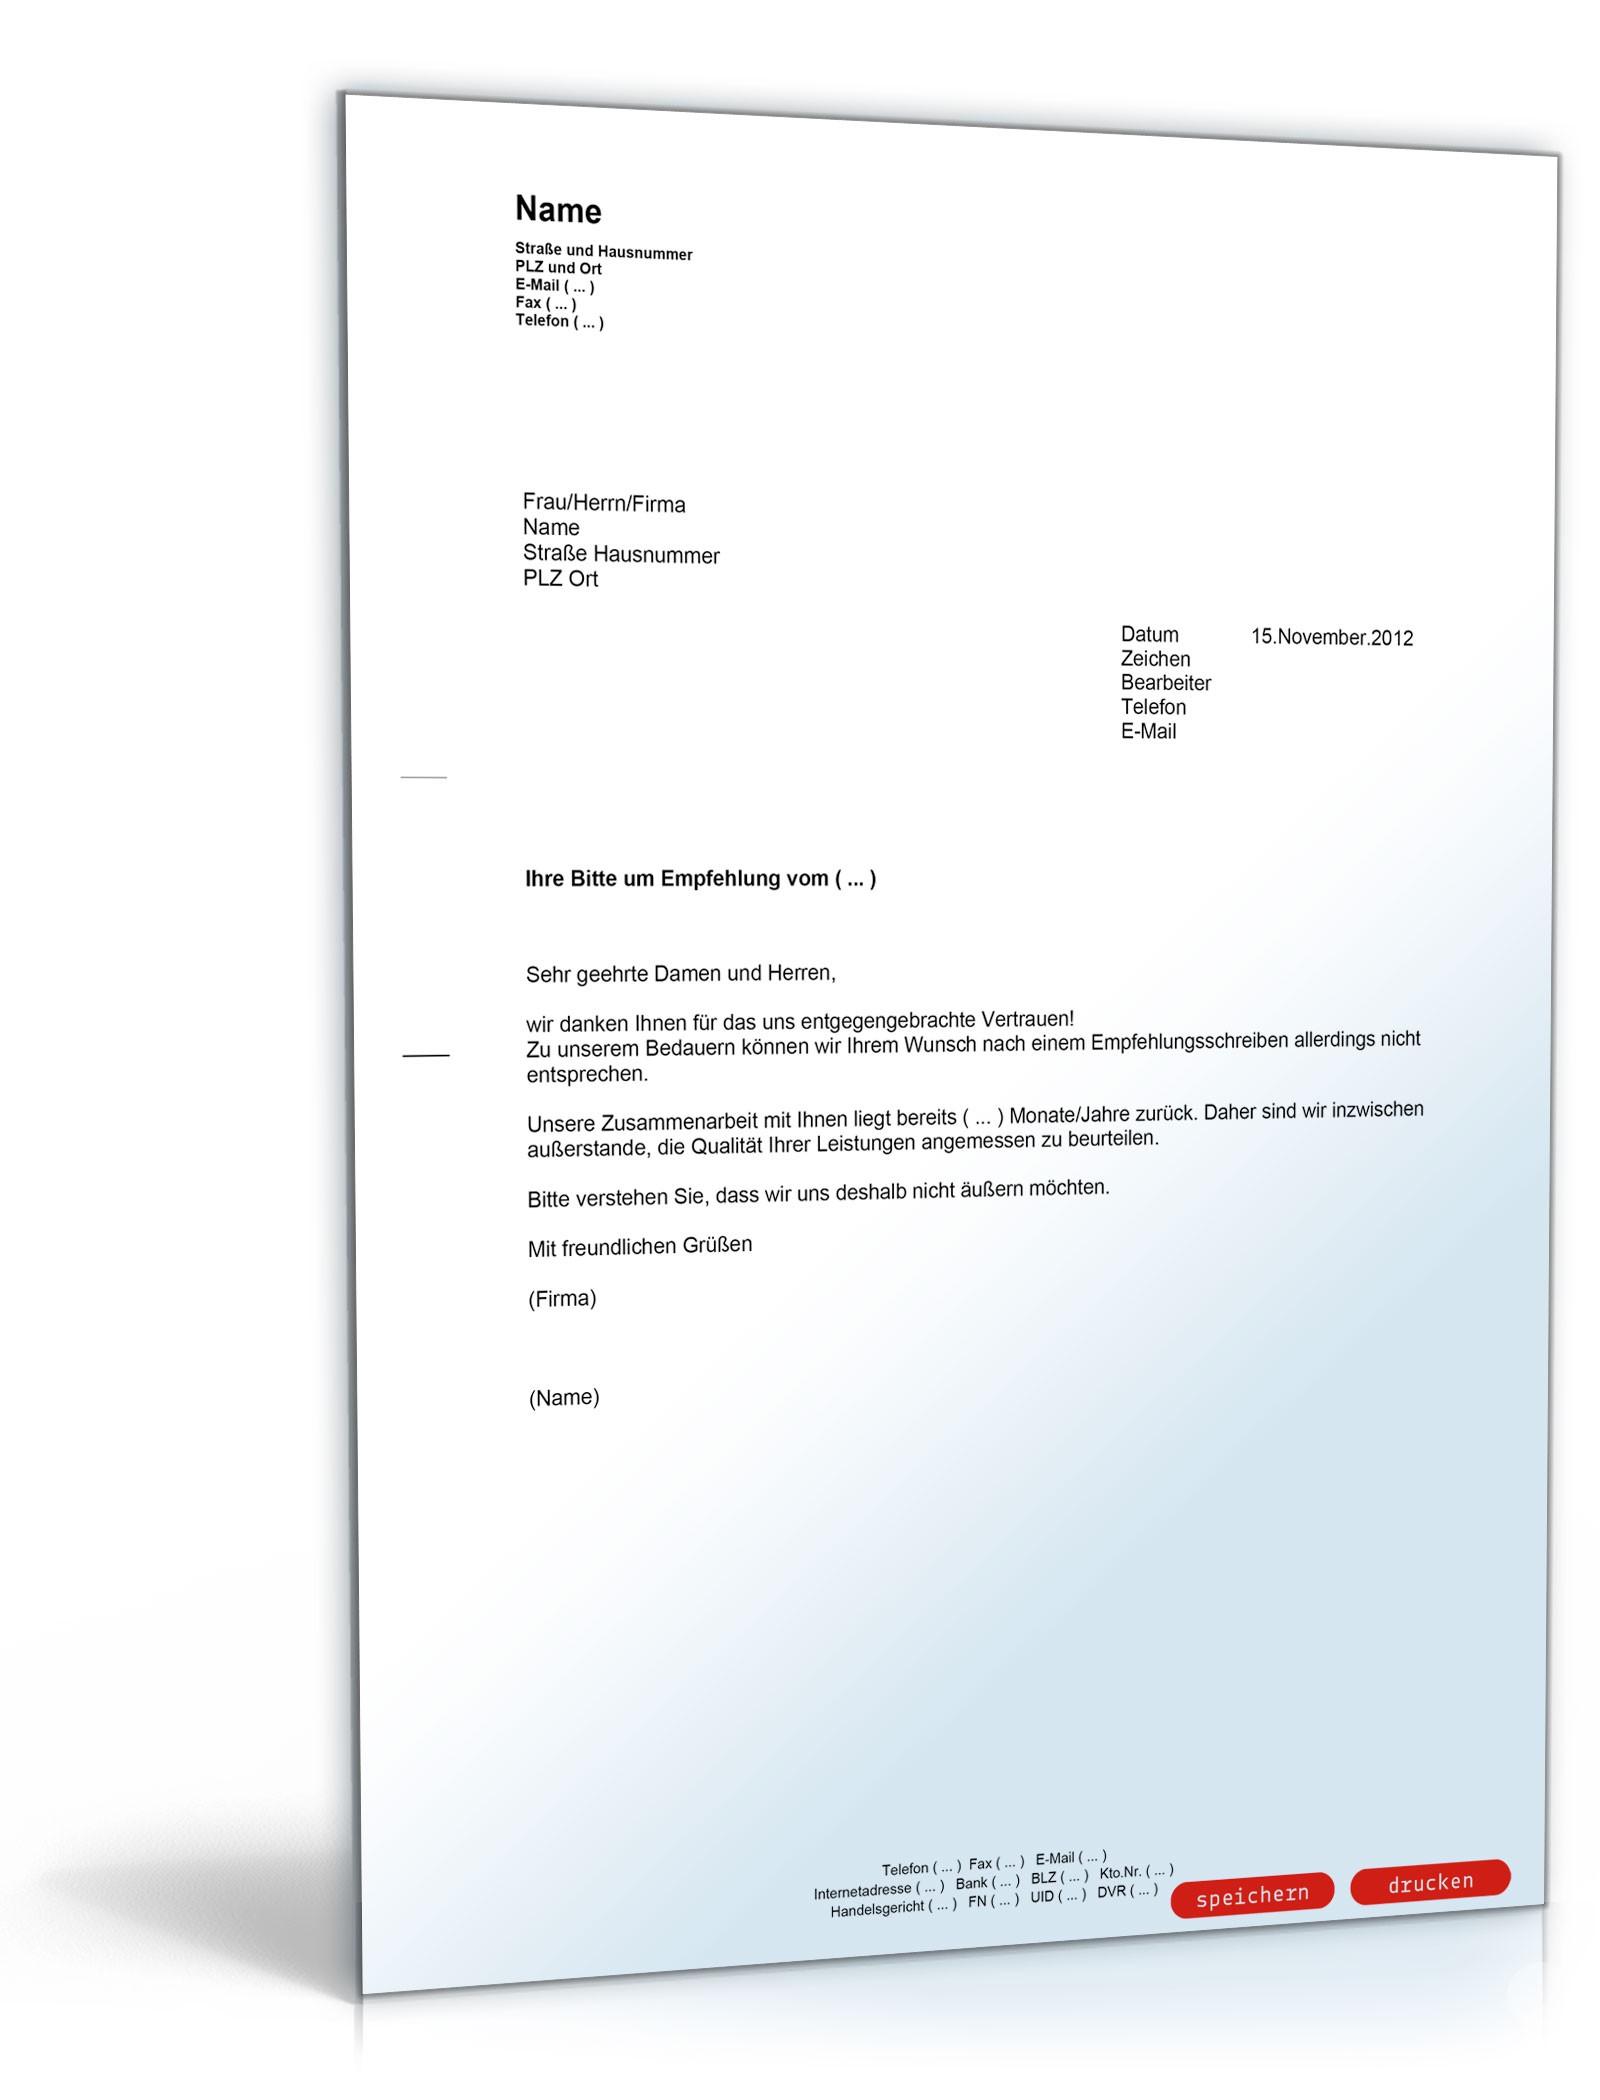 Ablehnung der Bitte um ein Empfehlungsschreiben - Muster-Vorlage zum ...